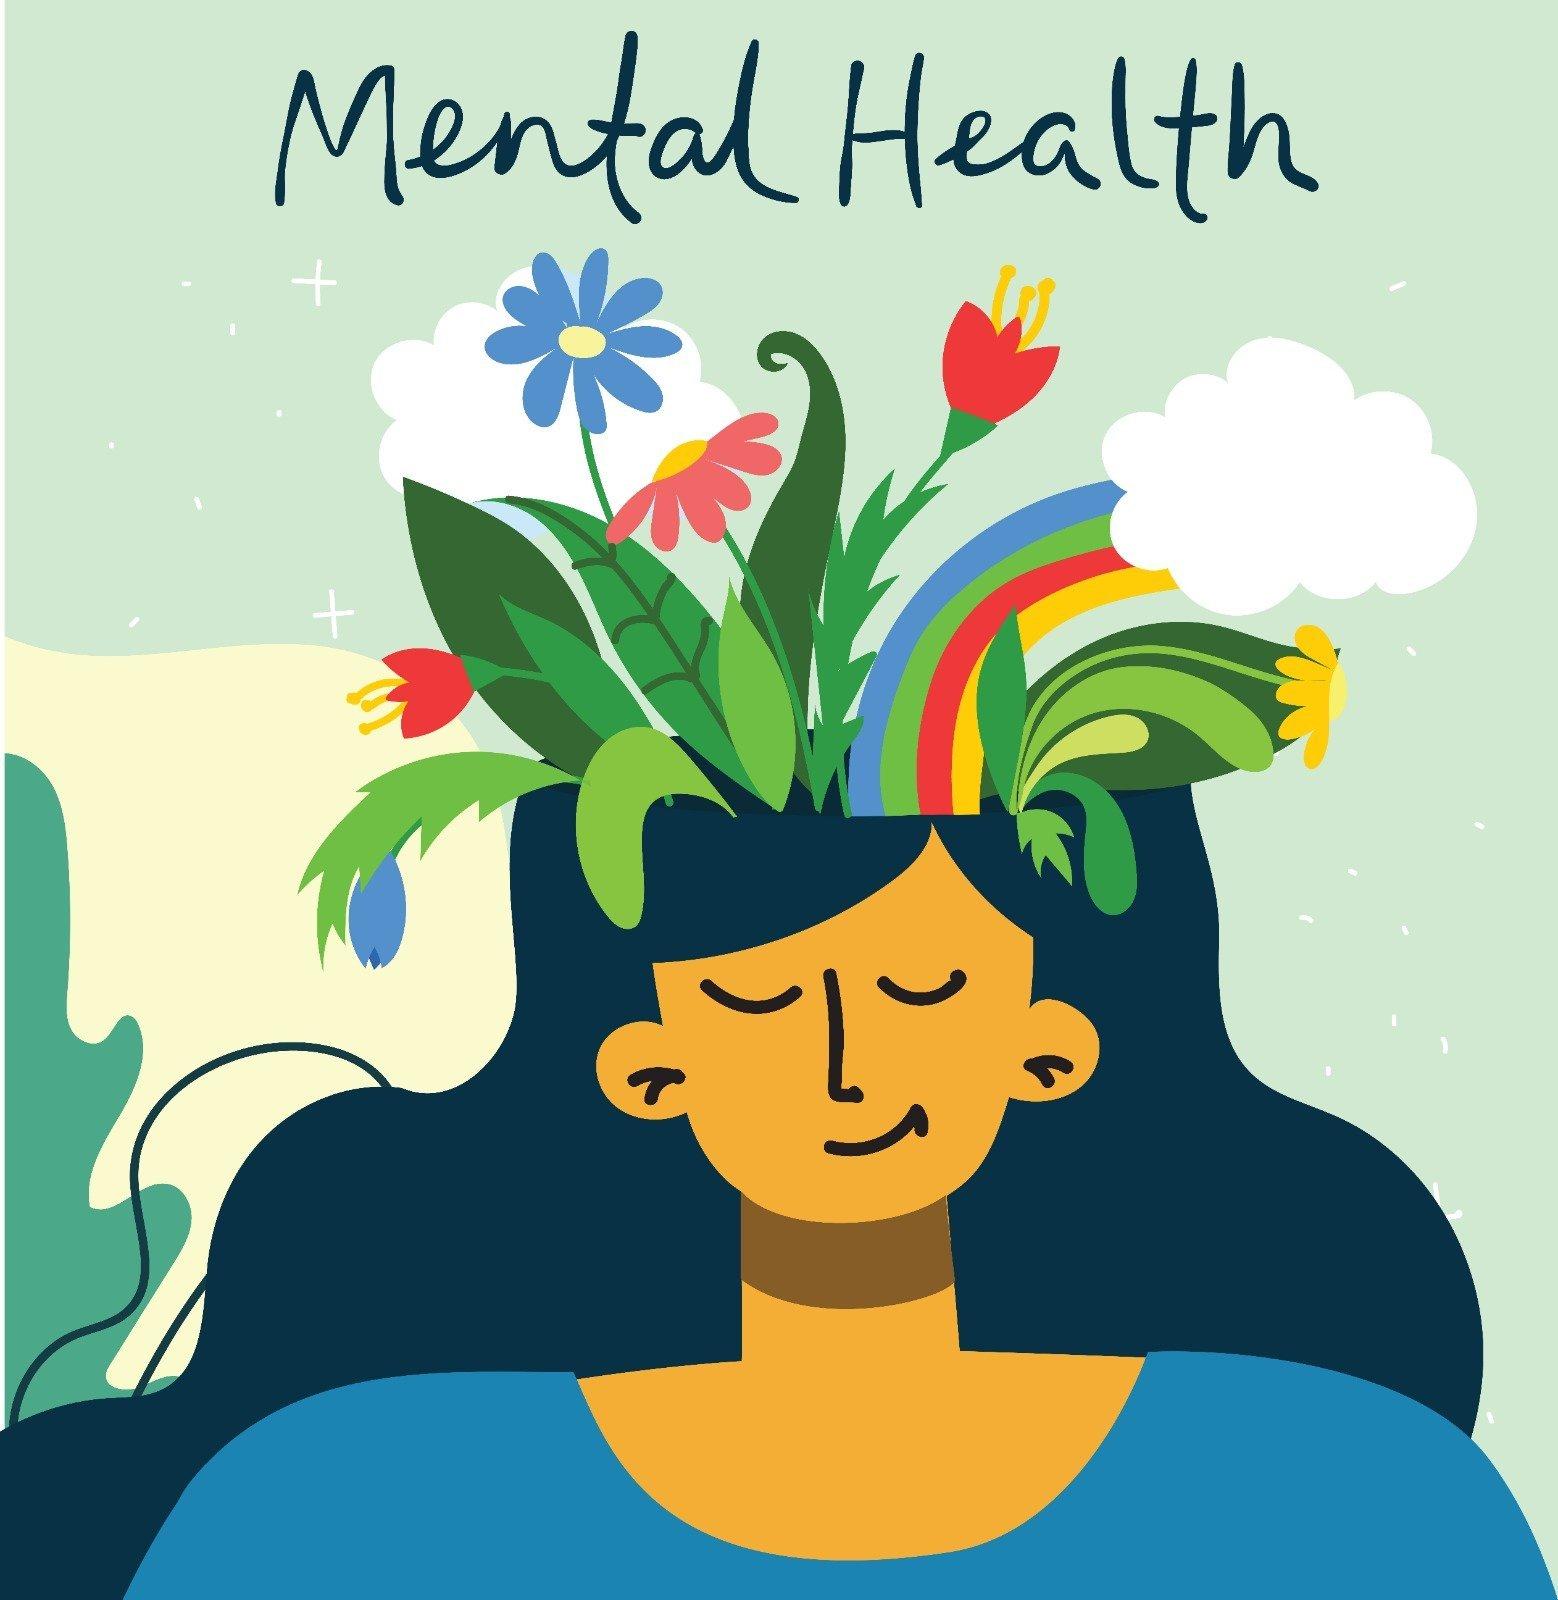 Gemi Bertran's Mental Health Month: Happy Brain